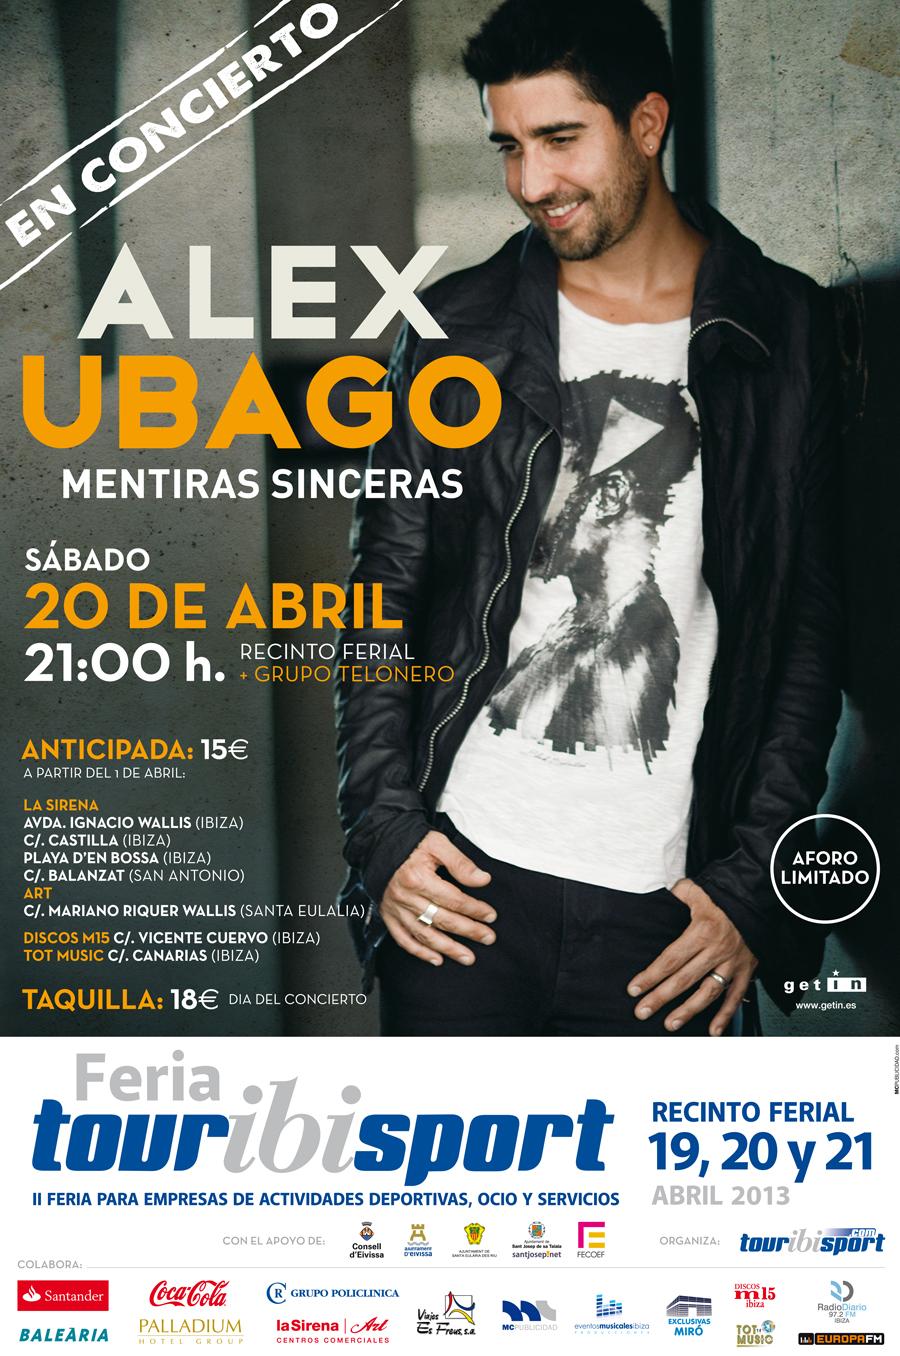 POSTER-Feria-y-Concierto-ALEX-UBAGO